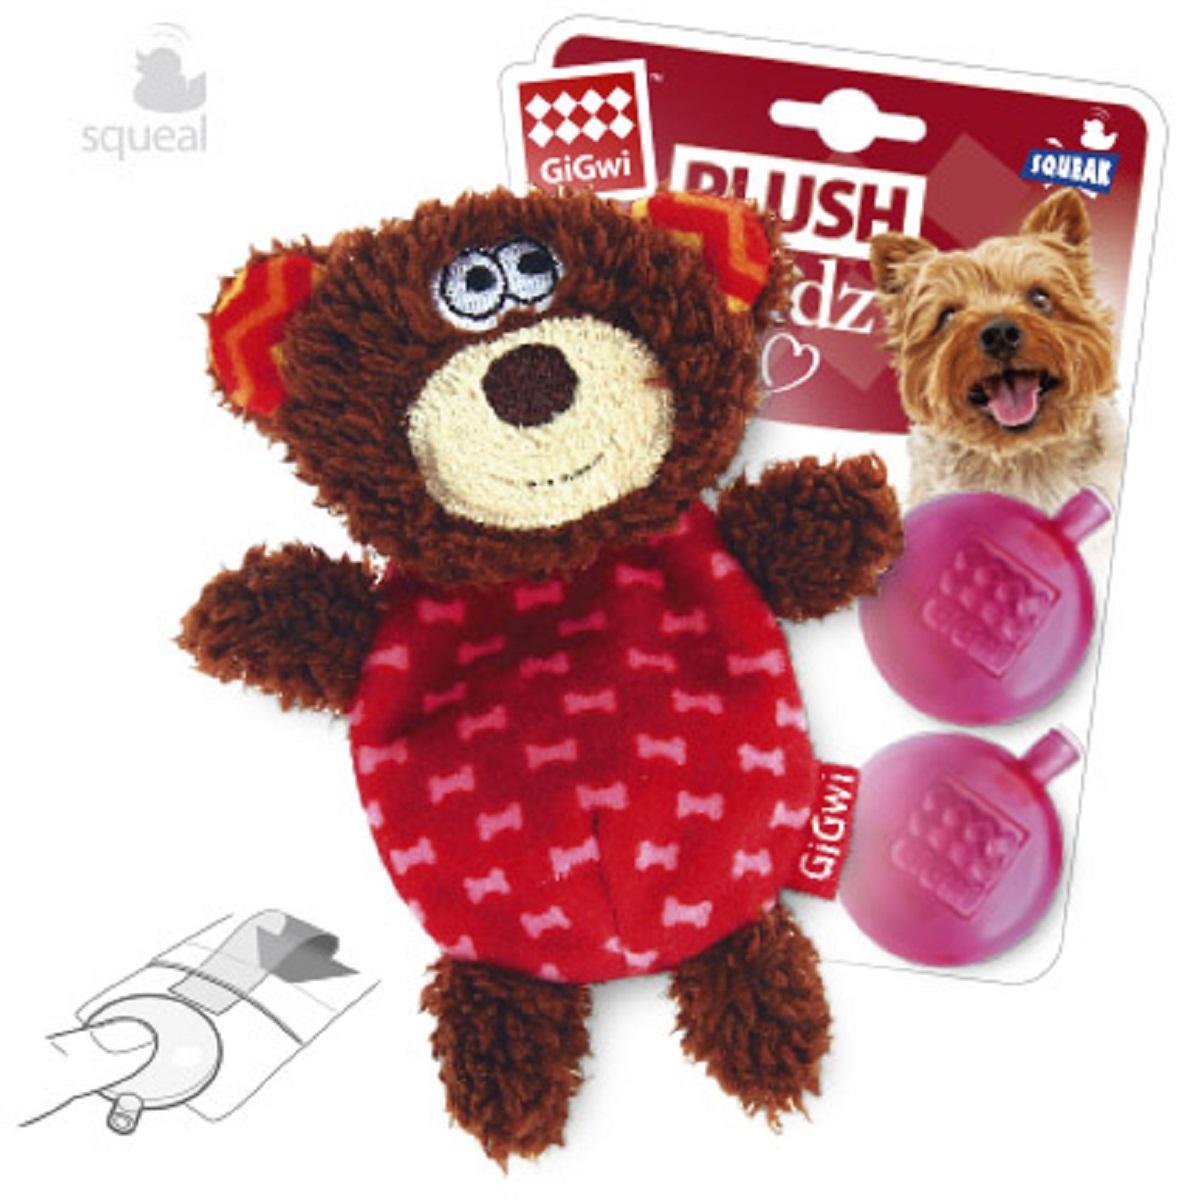 Игрушка для собак GiGwi Мишка, с пищалкой, 13 см игрушка для собак gigwi мячи с пищалкой диаметр 4 см 3 шт 75340